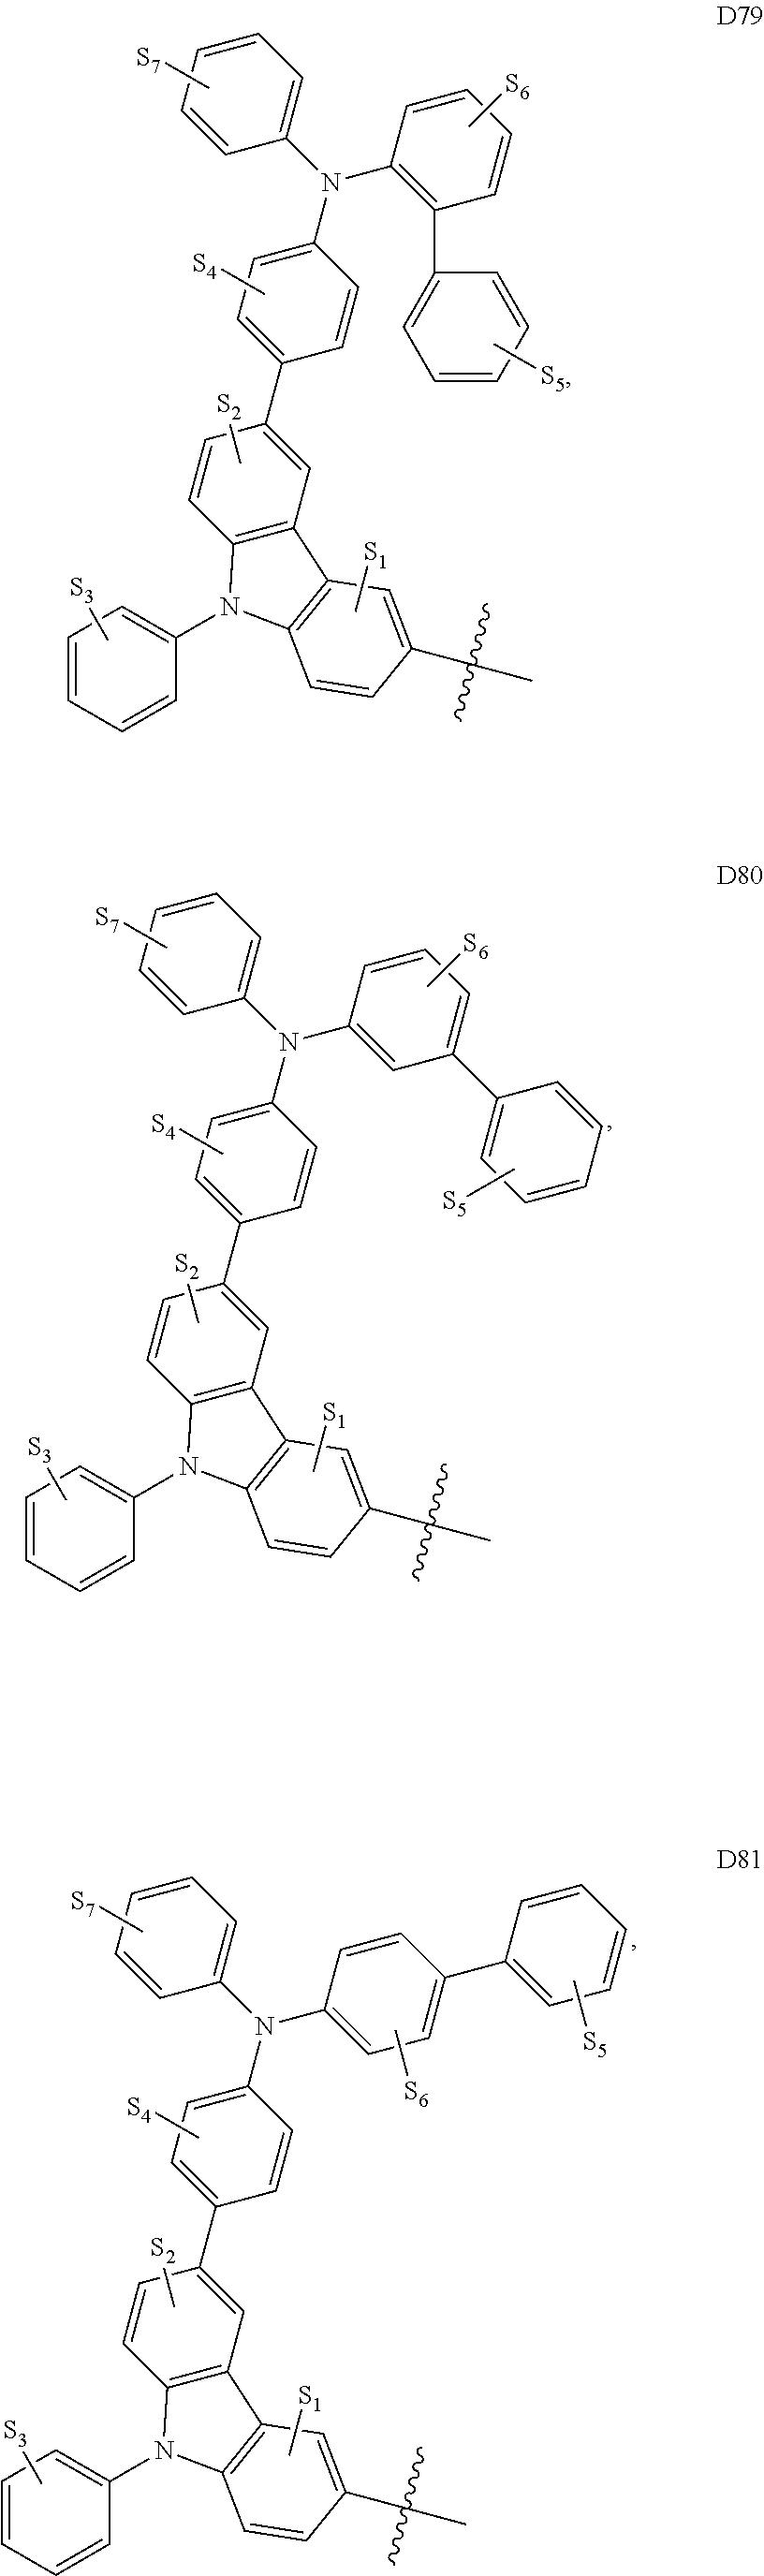 Figure US09324949-20160426-C00071